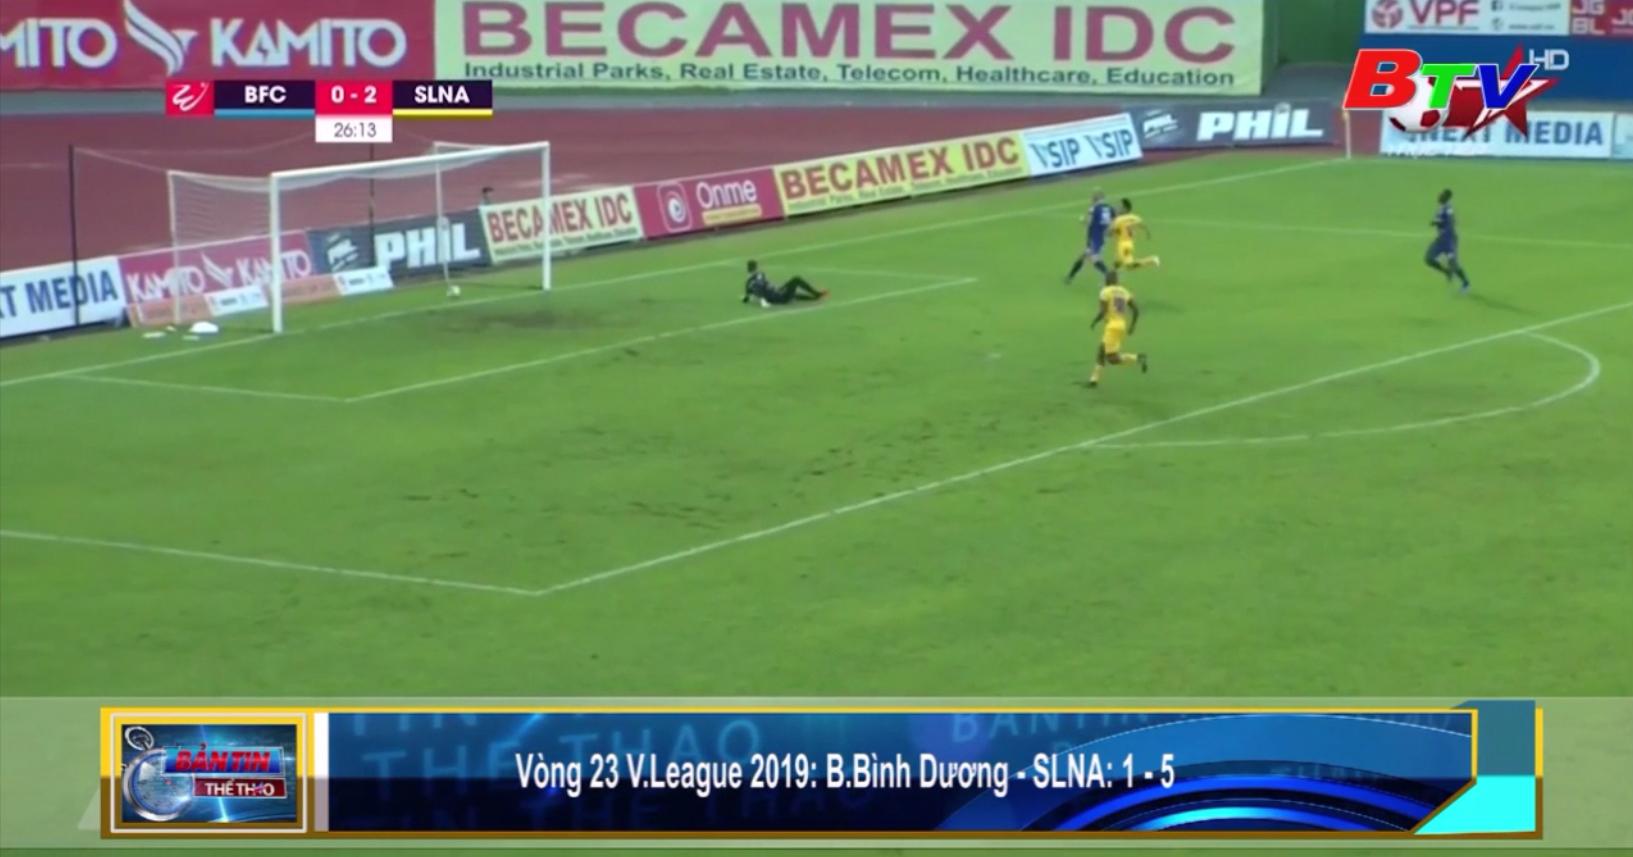 Vòng 23 V-League 2019 - Becamex Bình Dương thua đậm trên sân nhà